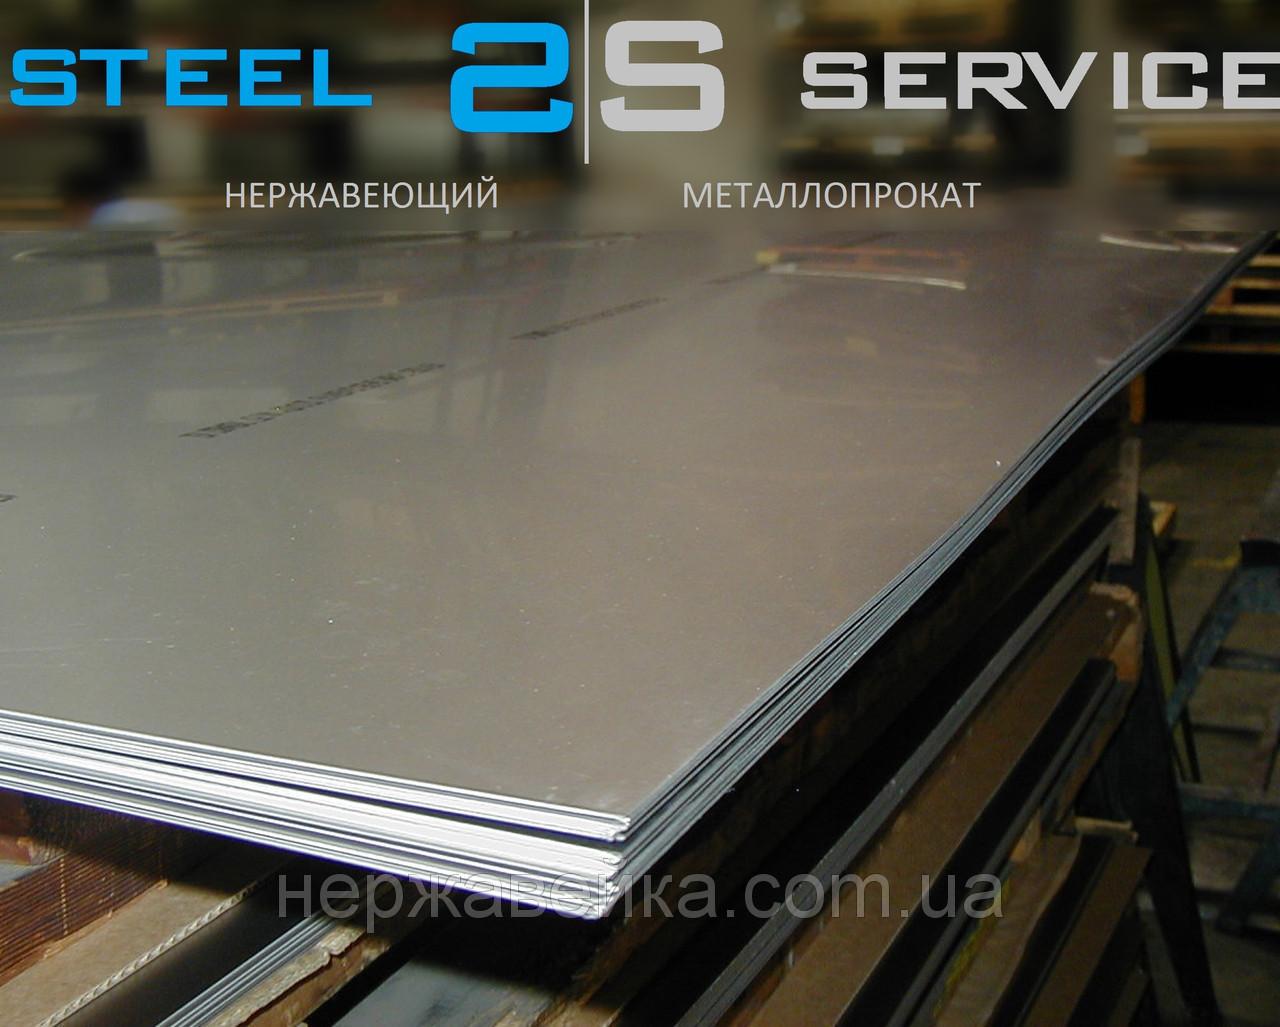 Нержавіючий лист 8х1000х2000мм AISI 316Ti(10Х17Н13М2Т) F1 - гарячекатаний, кислотостійкий